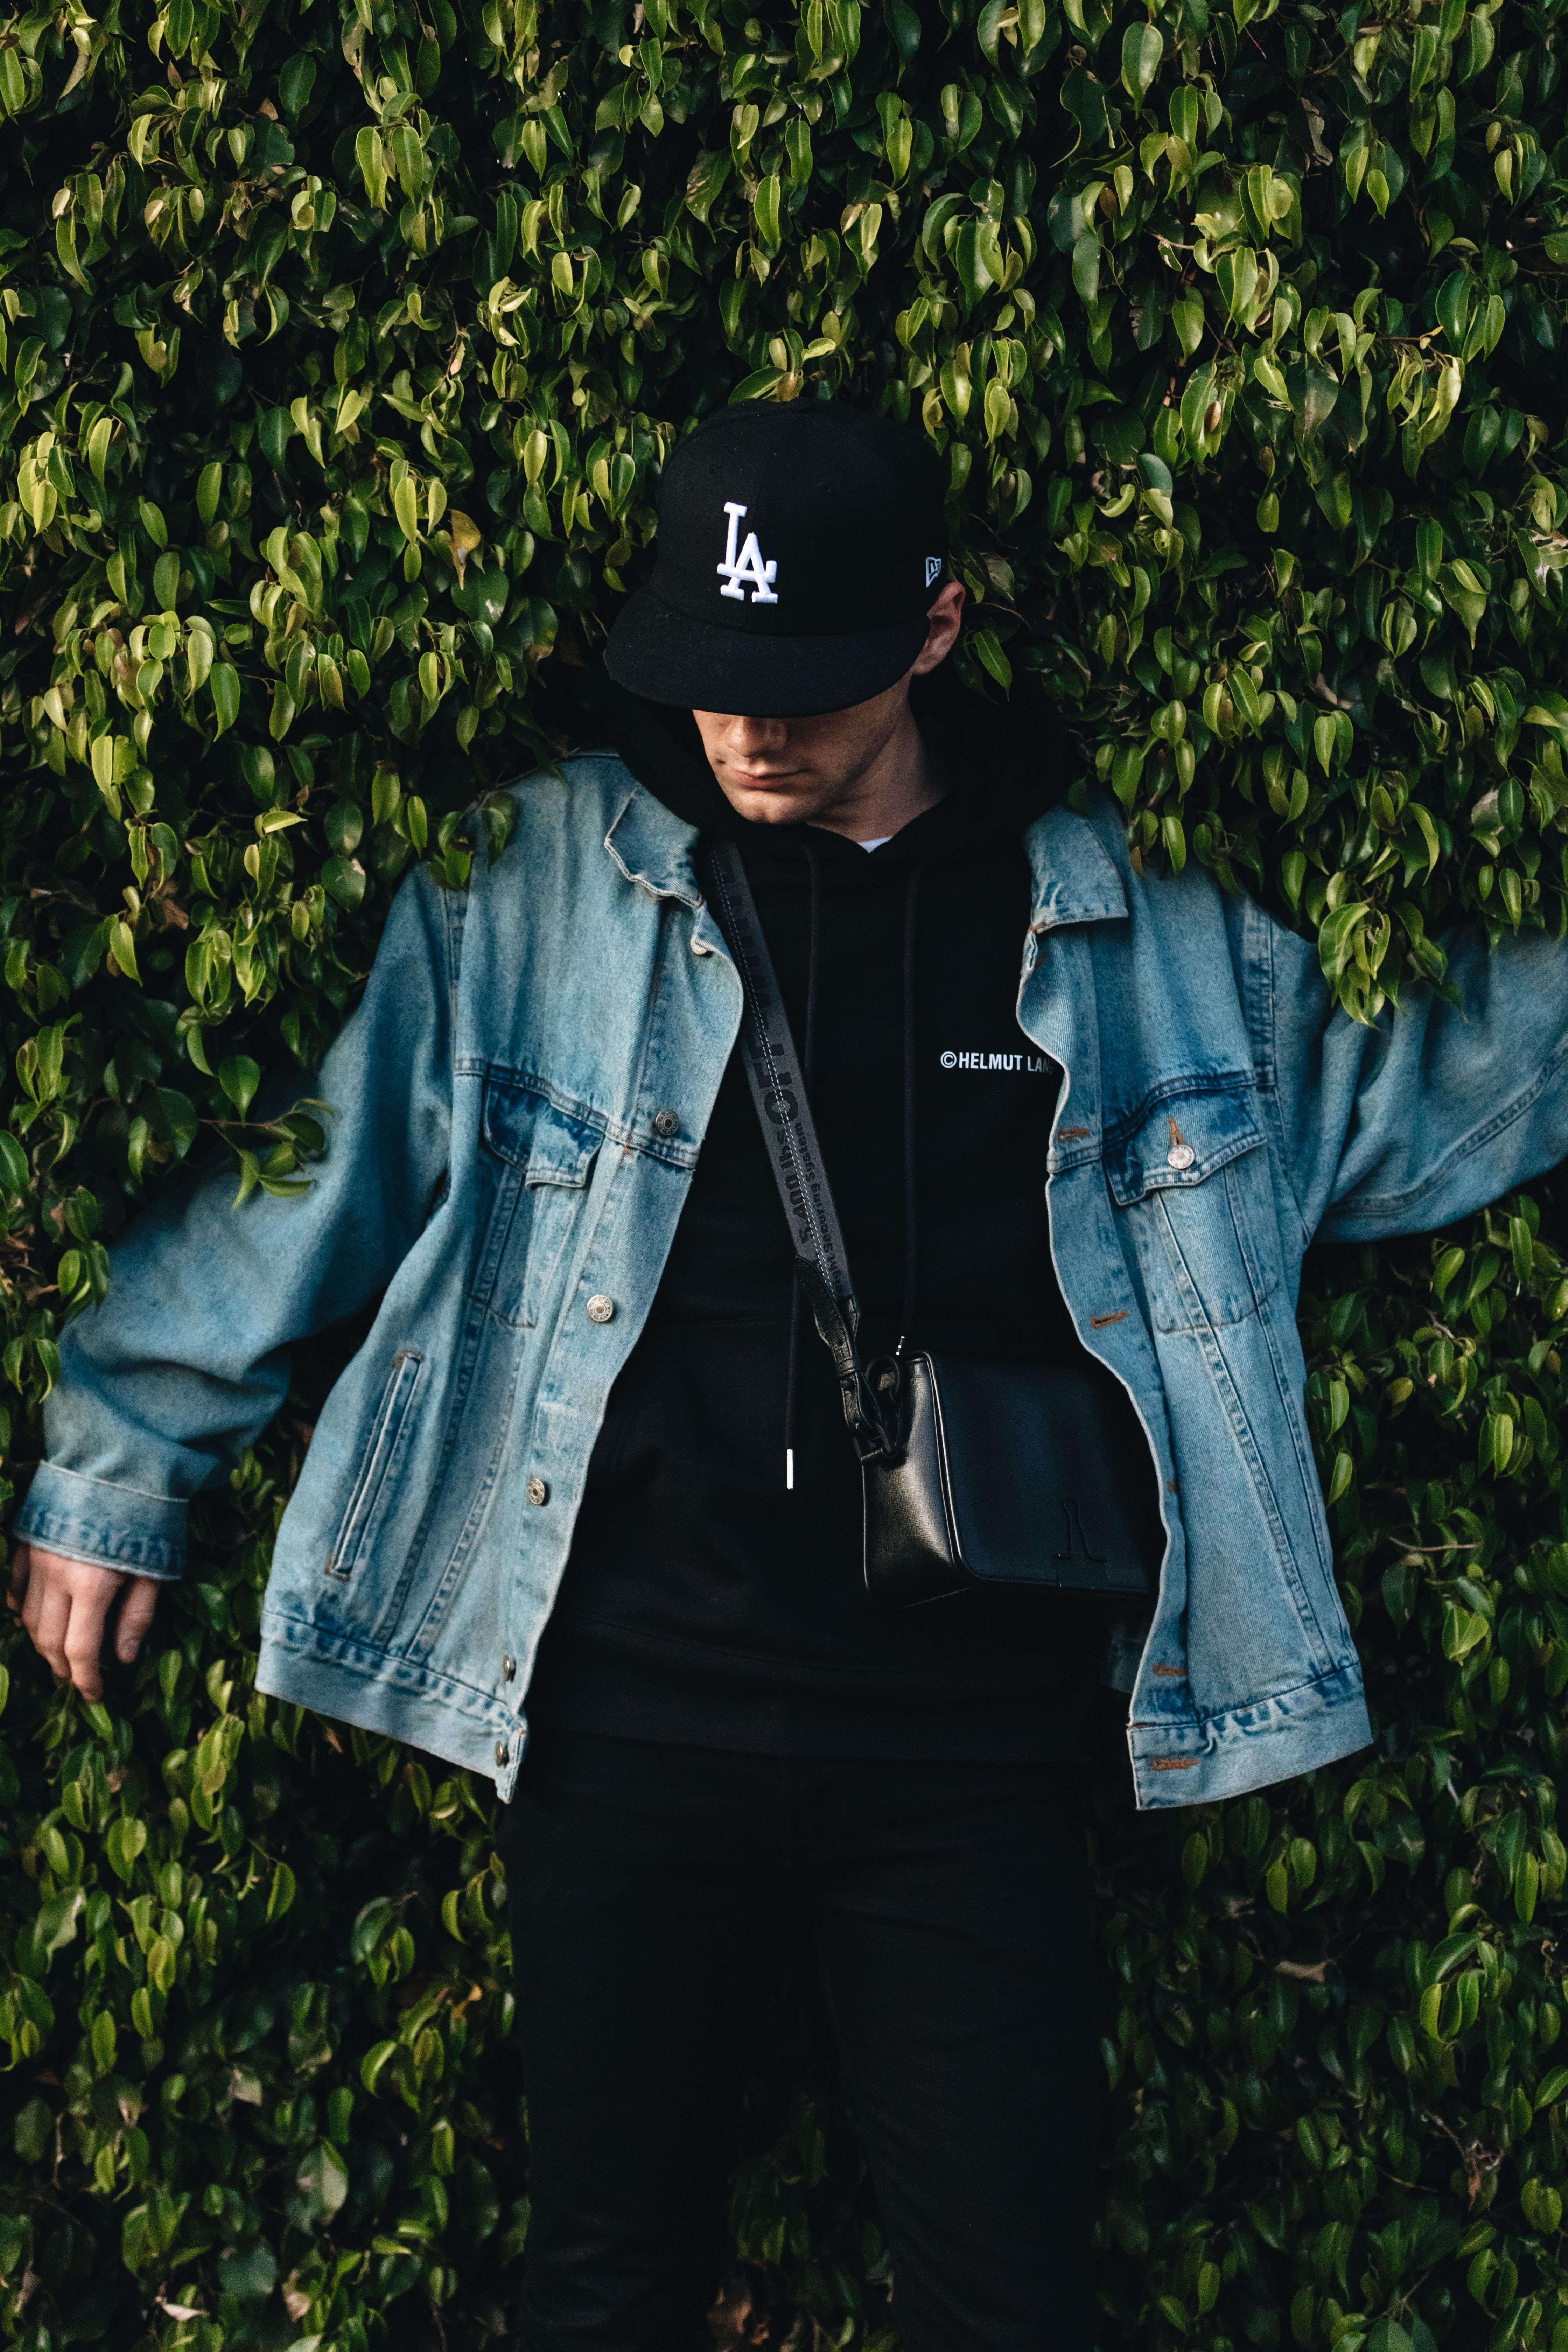 man in denim jacket beside bush